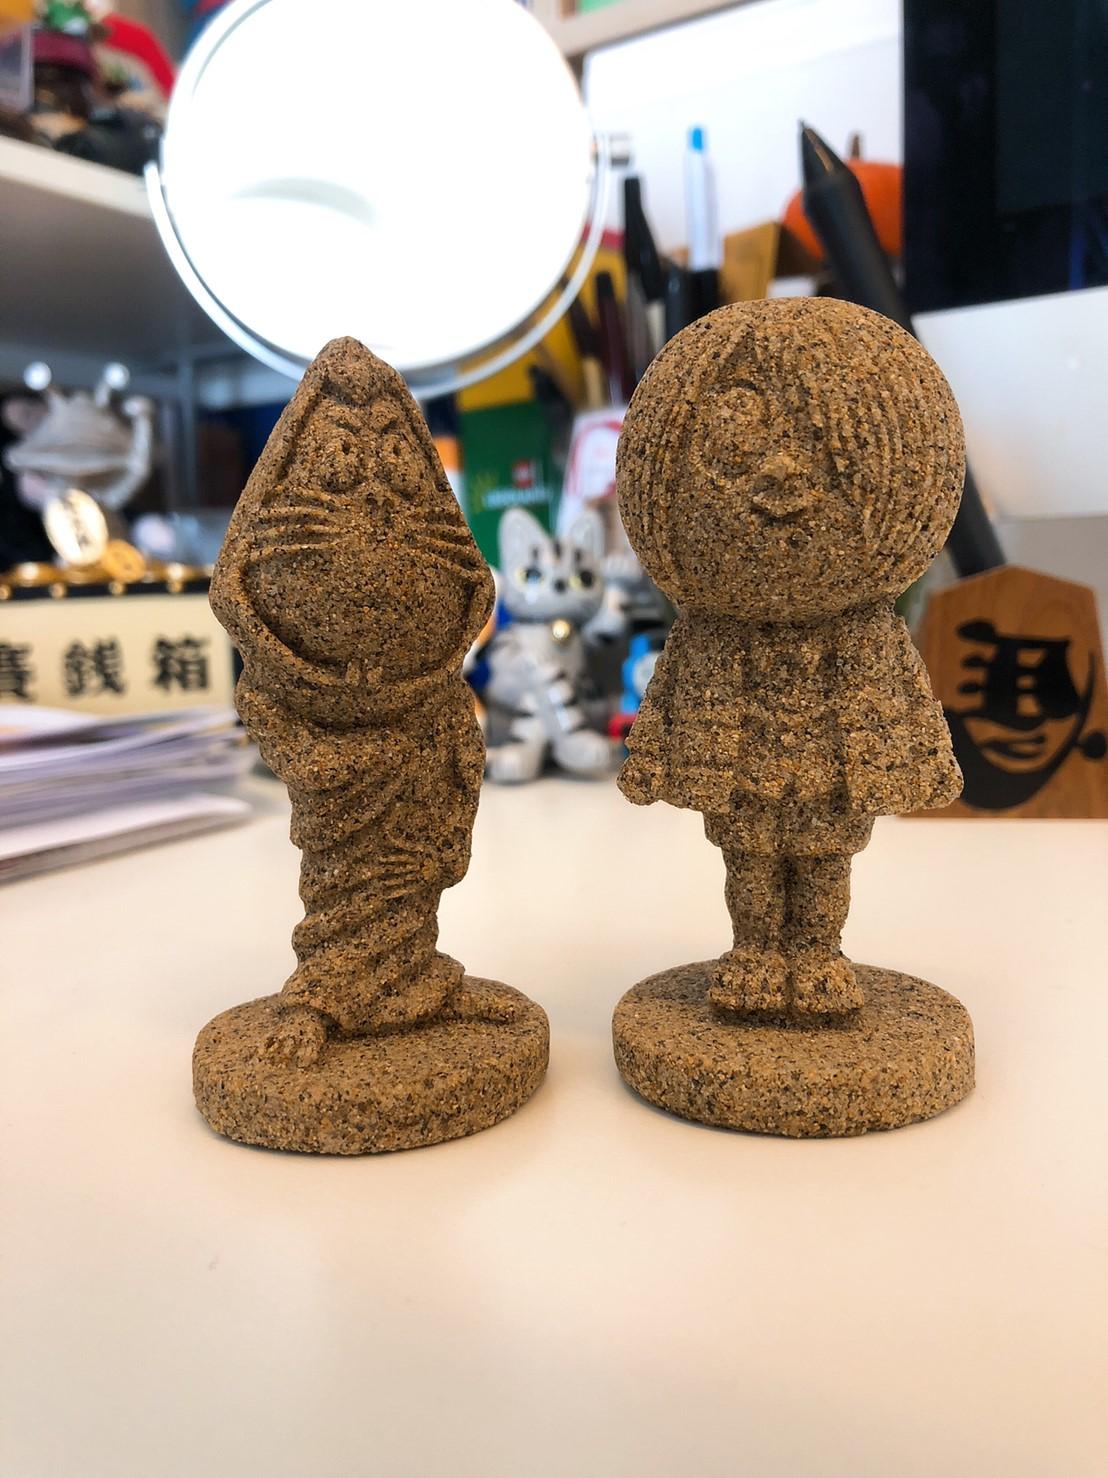 ▲馬克媽媽這次帶回了鬼太郎造型沙丘石雕的公仔以及手作小掃把跟小畚箕,當作旅行的紀念品。